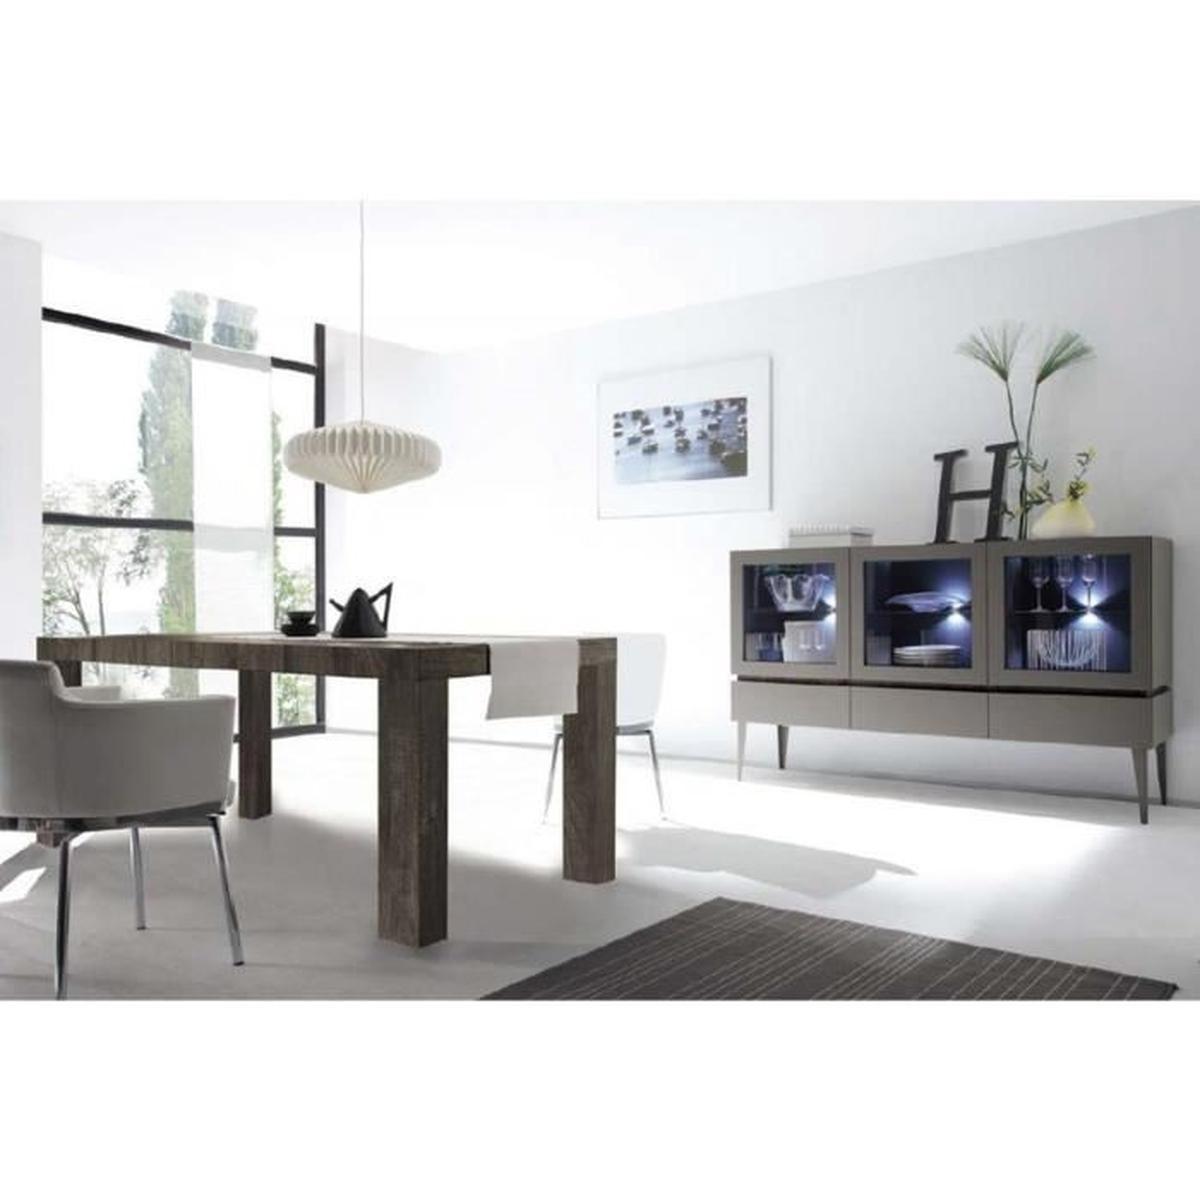 Meuble tv 120x60